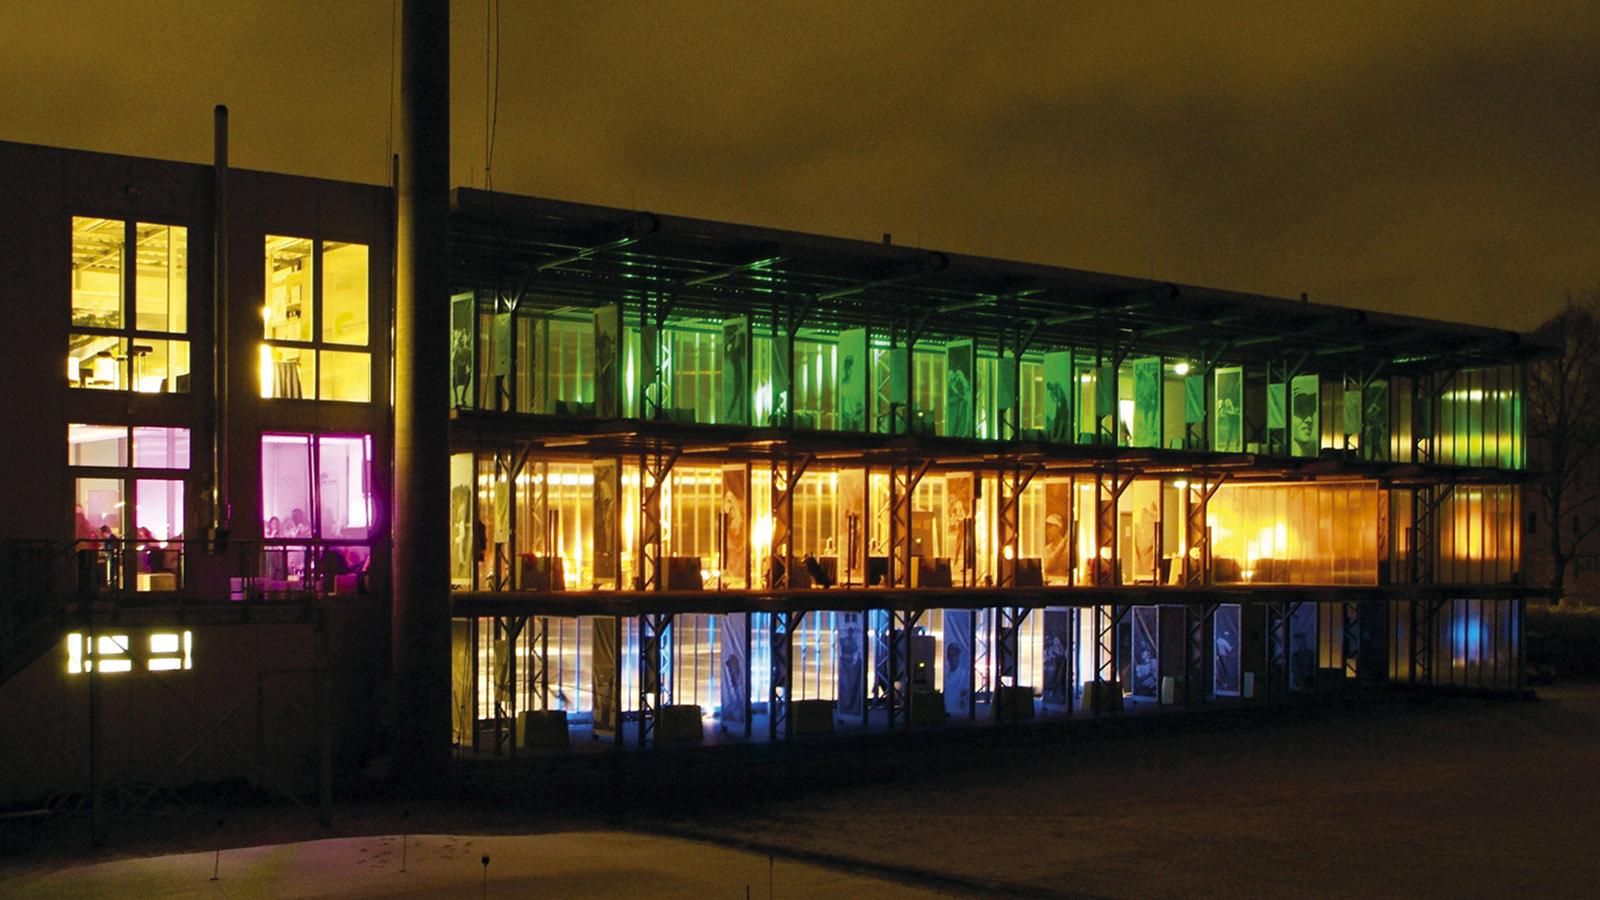 Die Golf-Lounge wird abends farbig bunt beleuchtet. Foto: Pressebild Golf Lounge Hamburg